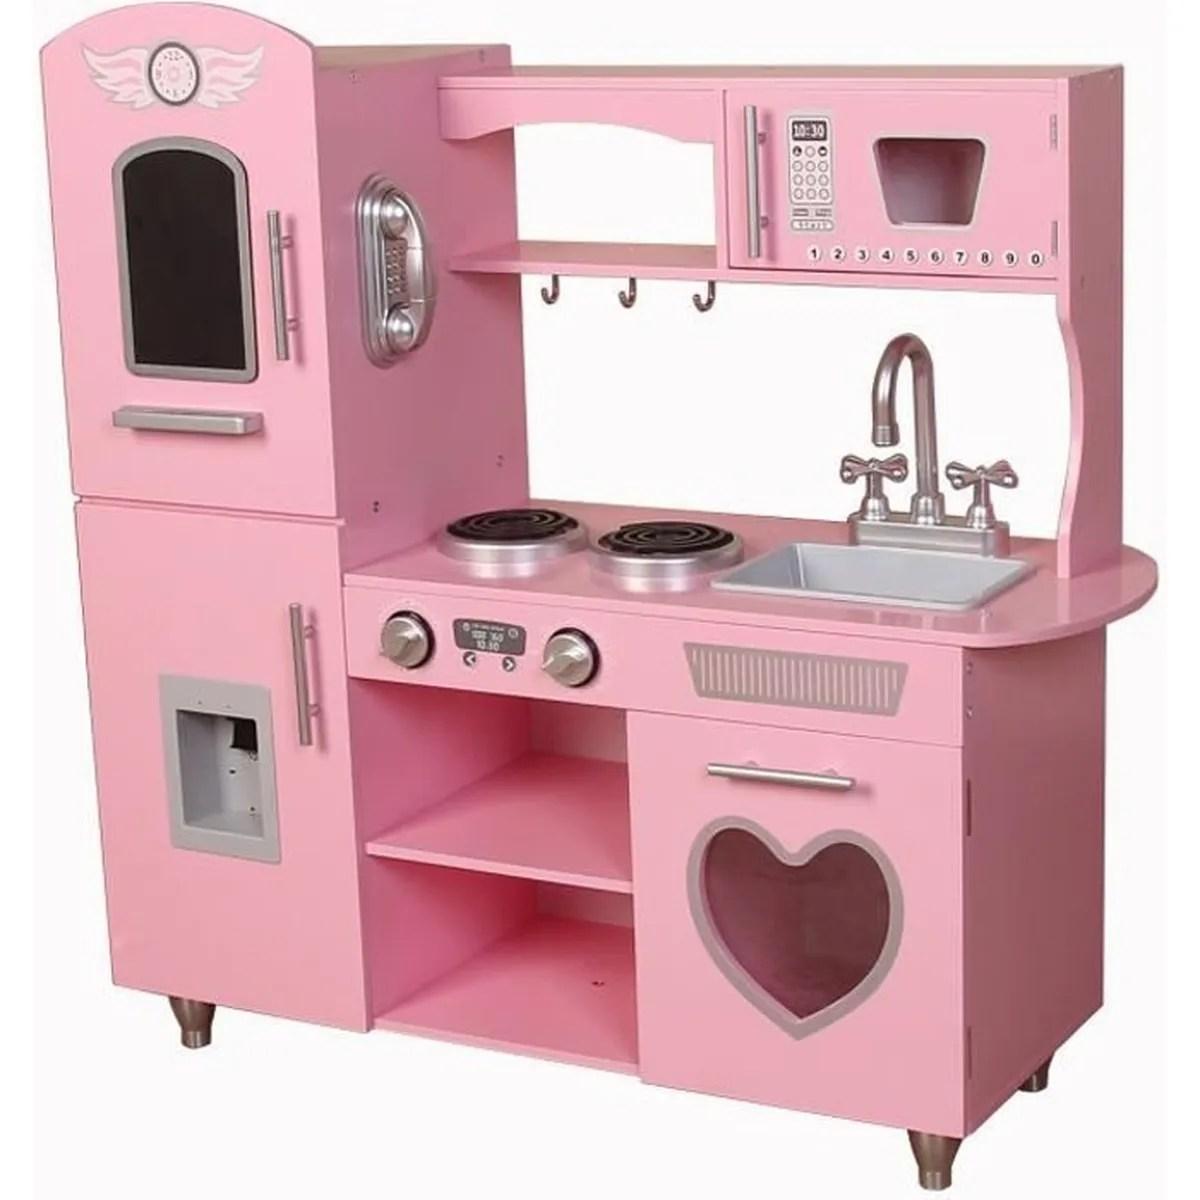 cuisine enfant rose dinette jouet